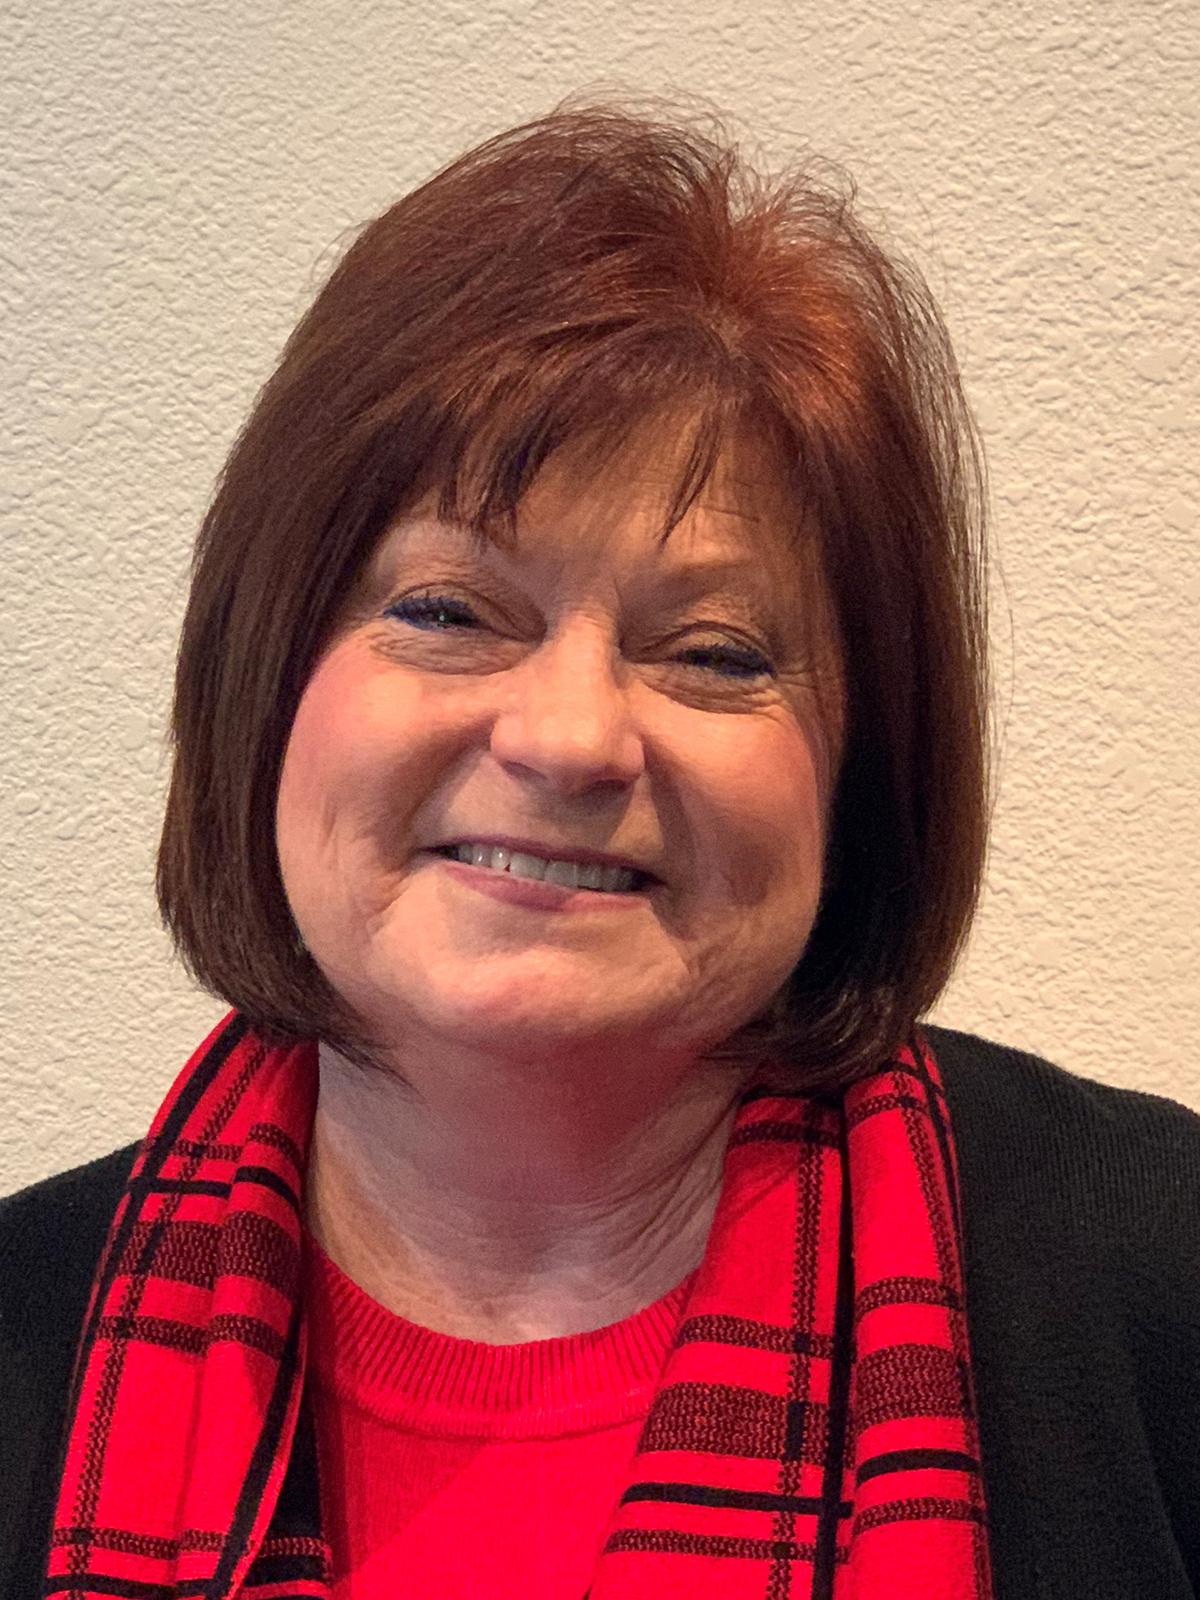 Headshot of Funeral Arranger, Bobbette Kelly-Park